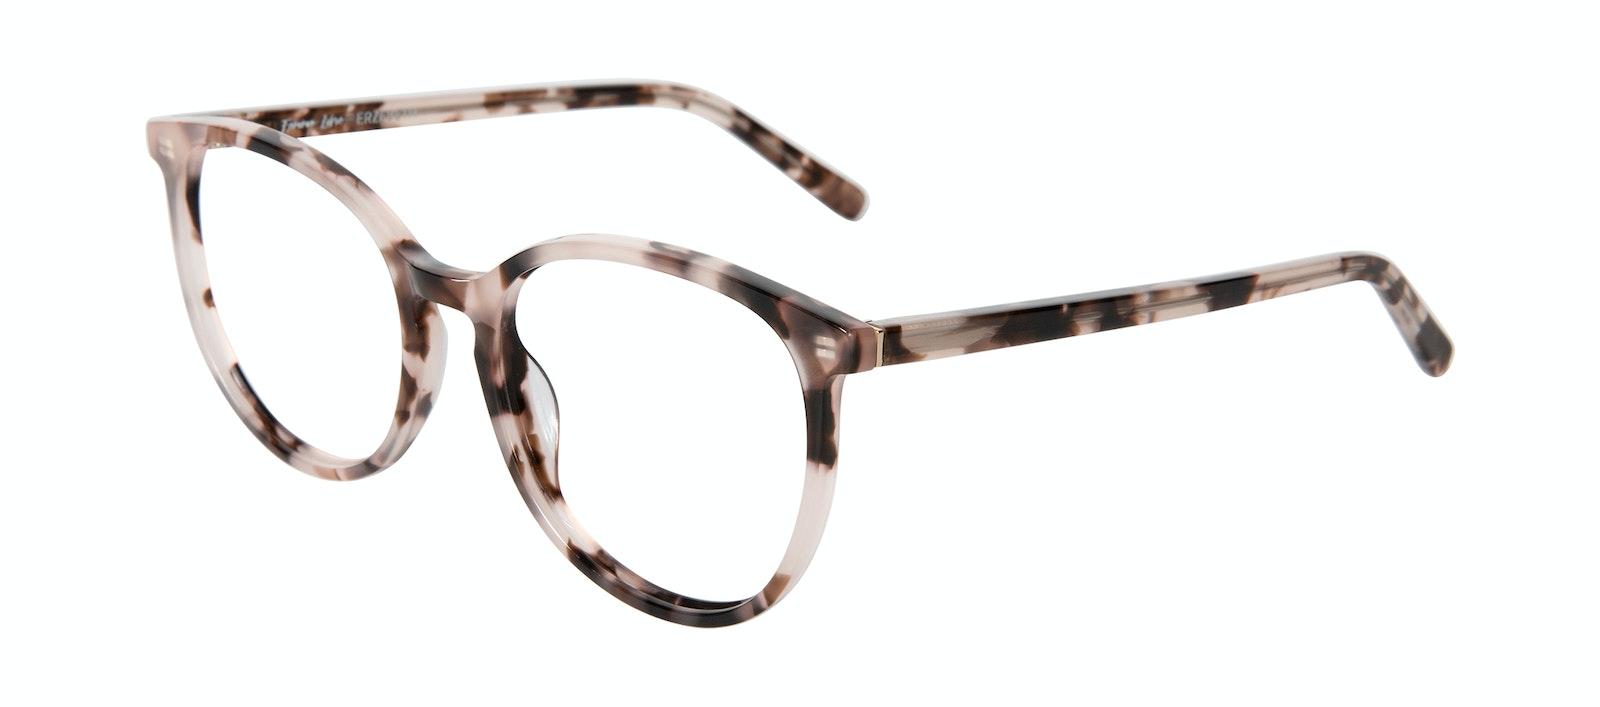 Affordable Fashion Glasses Round Eyeglasses Women Femme Libre L Erzebeth Tilt